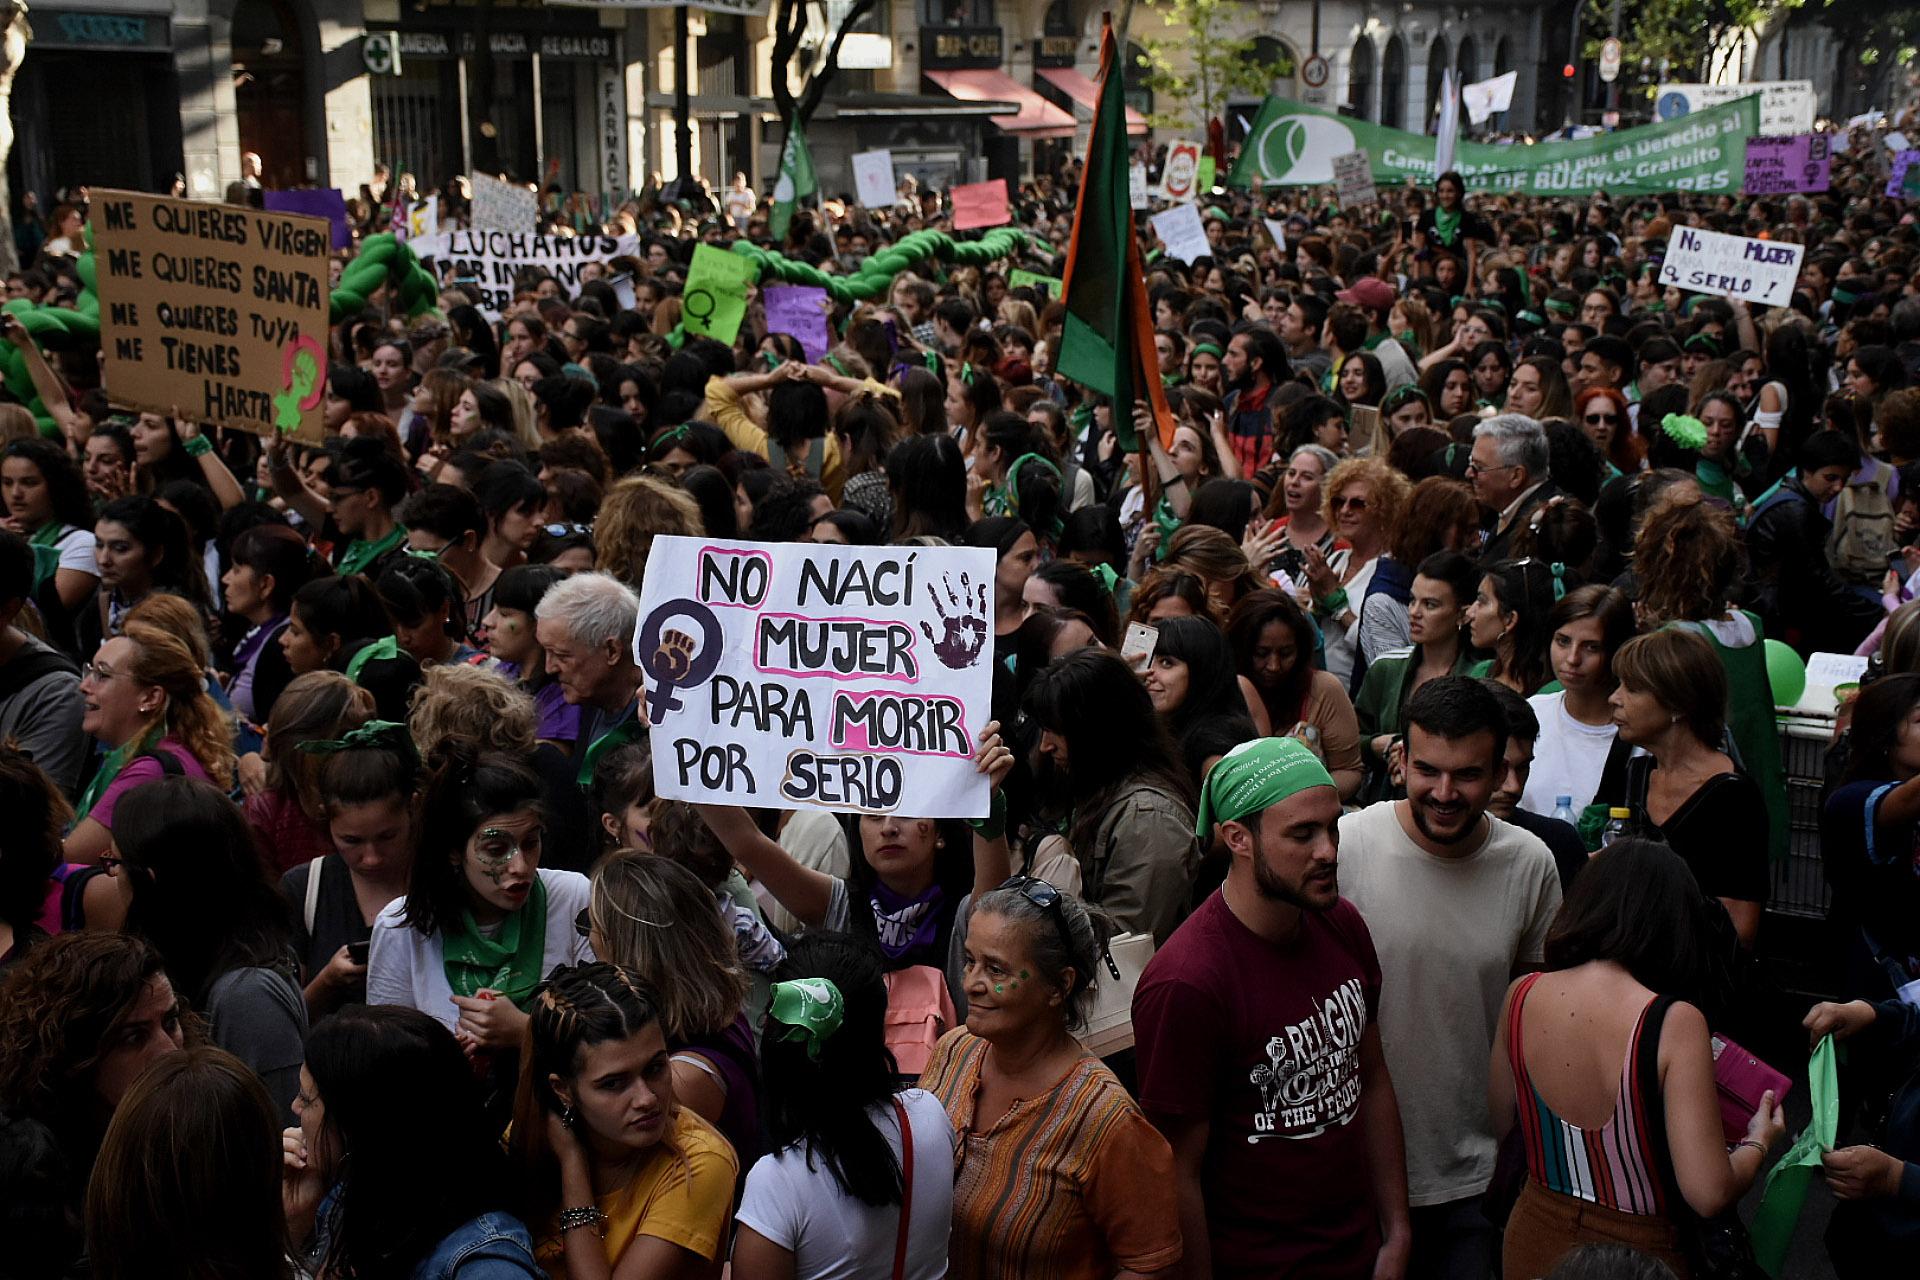 Aunque predominaron las mujeres, algunos varones también participaron de la marcha (Nicolás Stulberg)